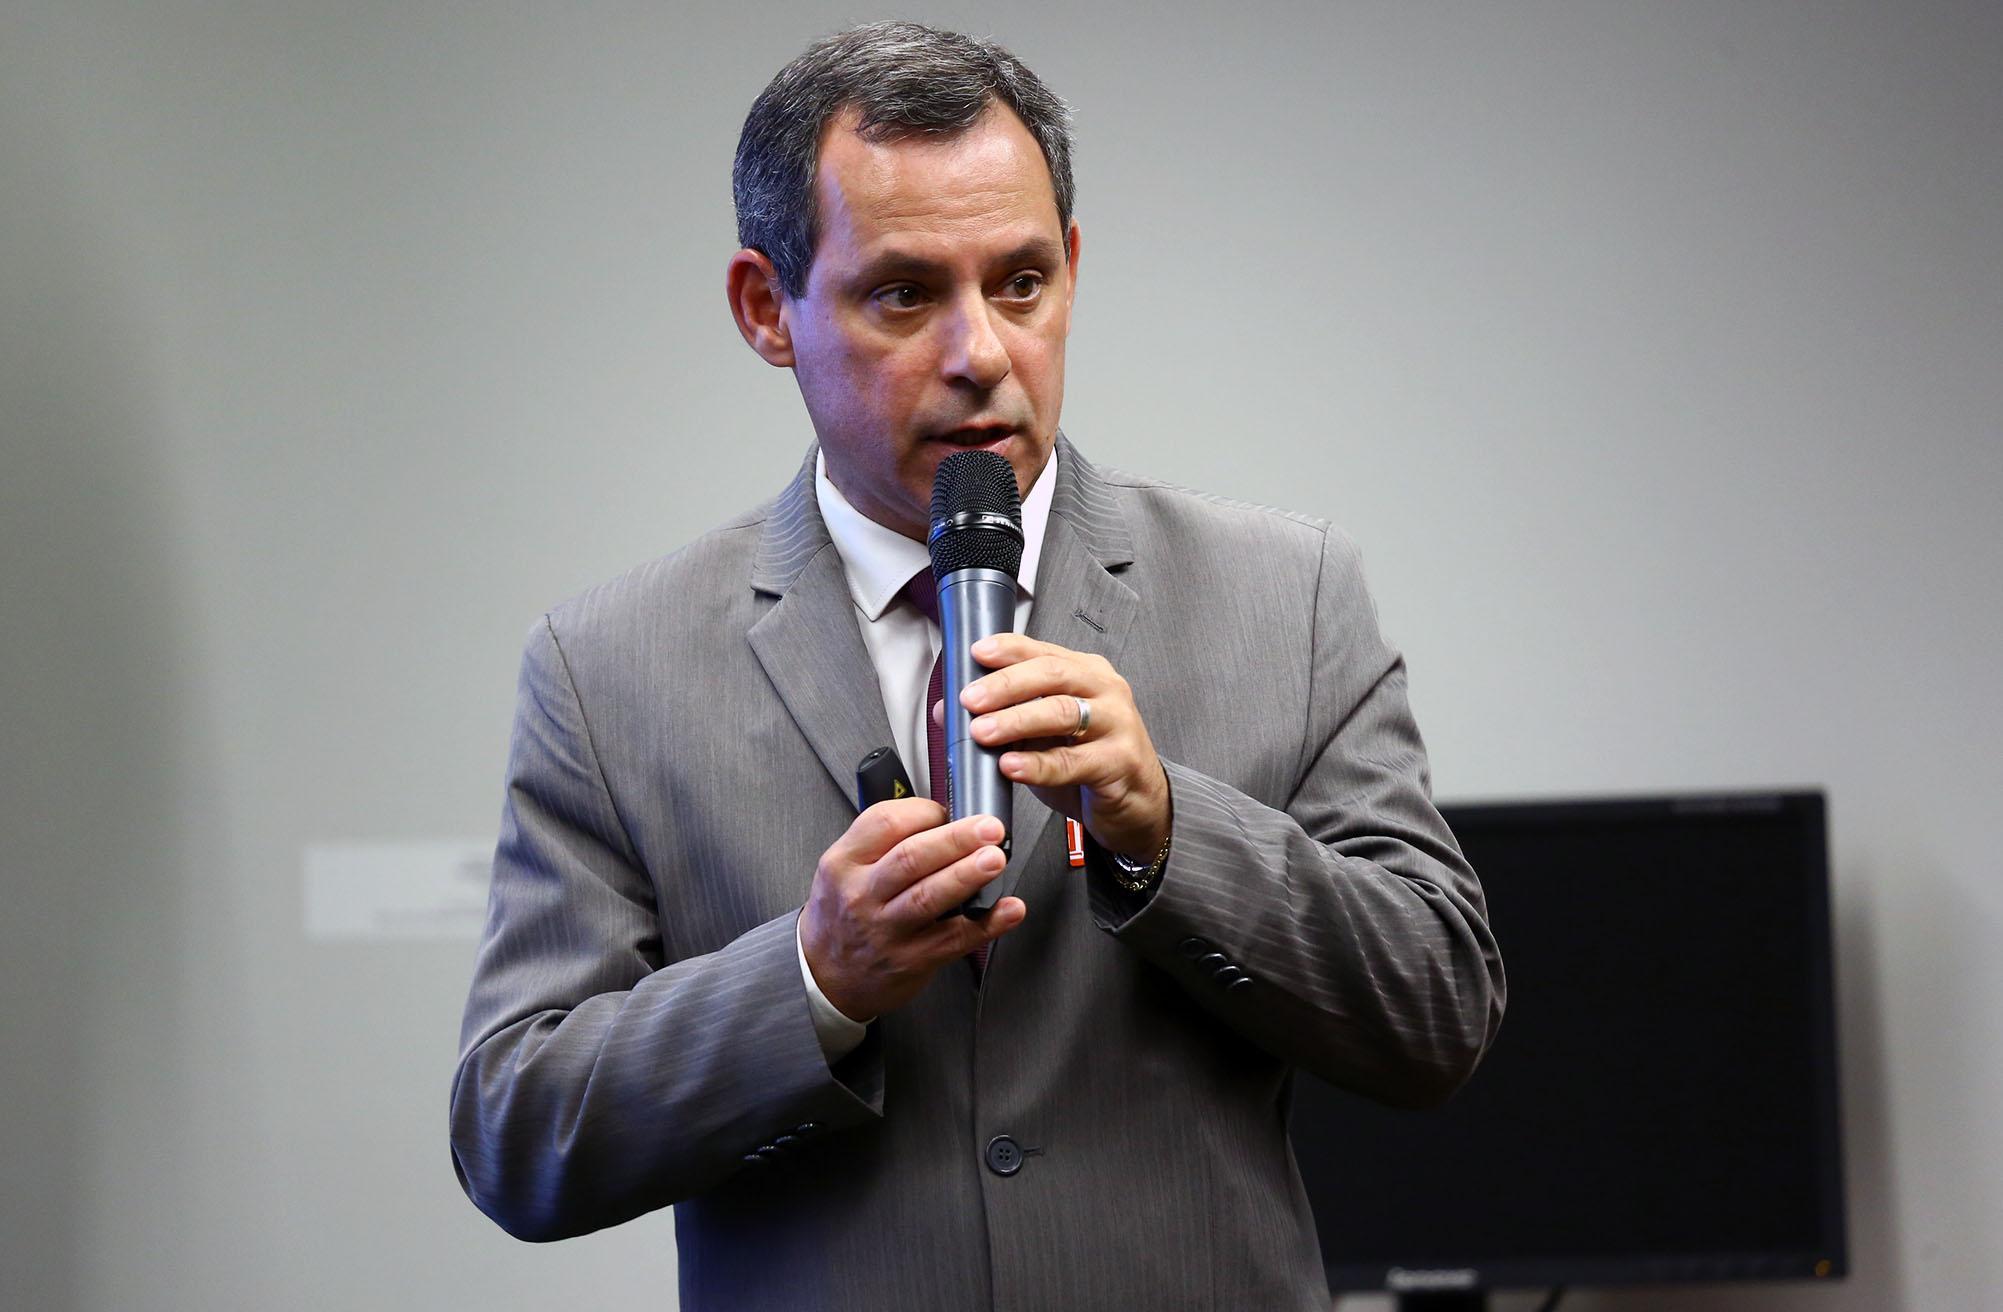 Reunião ordinária para debater sobre o futuro do Setor Elétrico no Brasil. Presidente em exercício da Empresa de Pesquisa Energética - EPE, JOSÉ MAURO FERREIRA COELHO